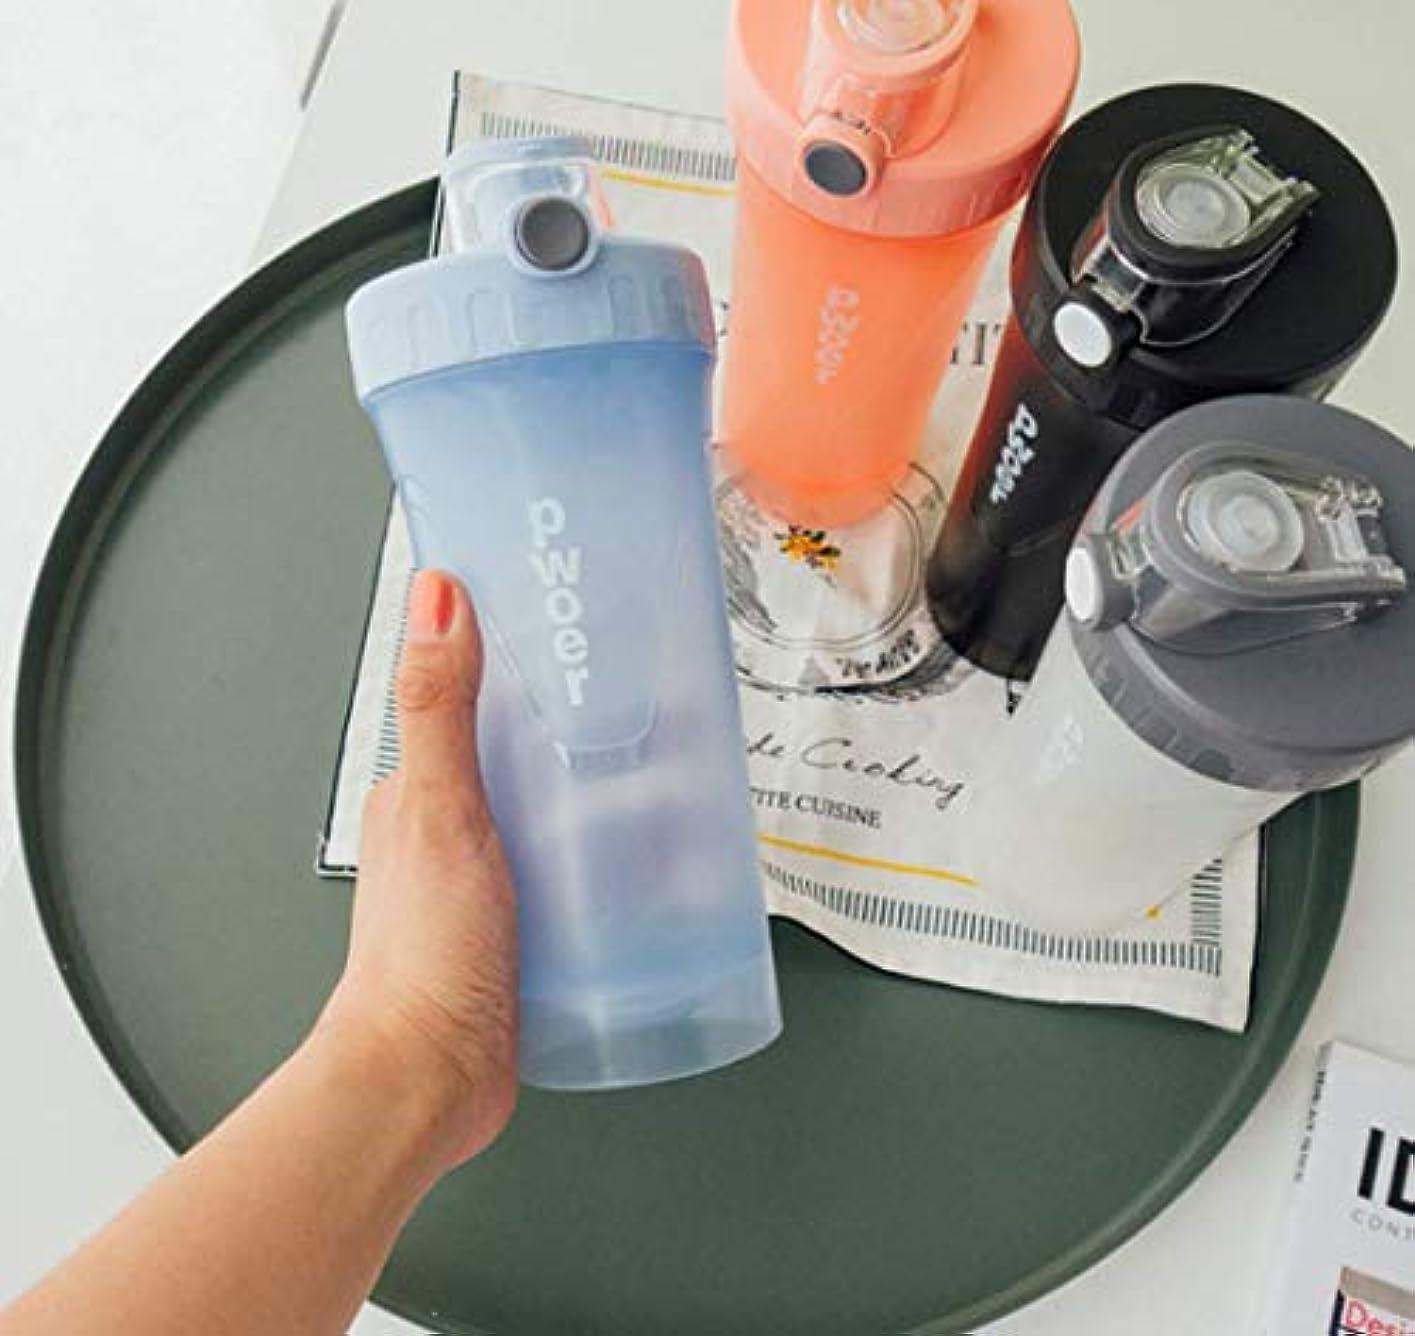 オピエート検体誕生日プロテインシェーカー 栄養錠剤ビタミン入れ ダイエットドリンク用 タンパク質パウダーミキサーボルト 栄養補給 プロテイン 収納ケース 水筒 漏れ防止 シェーカーボトル